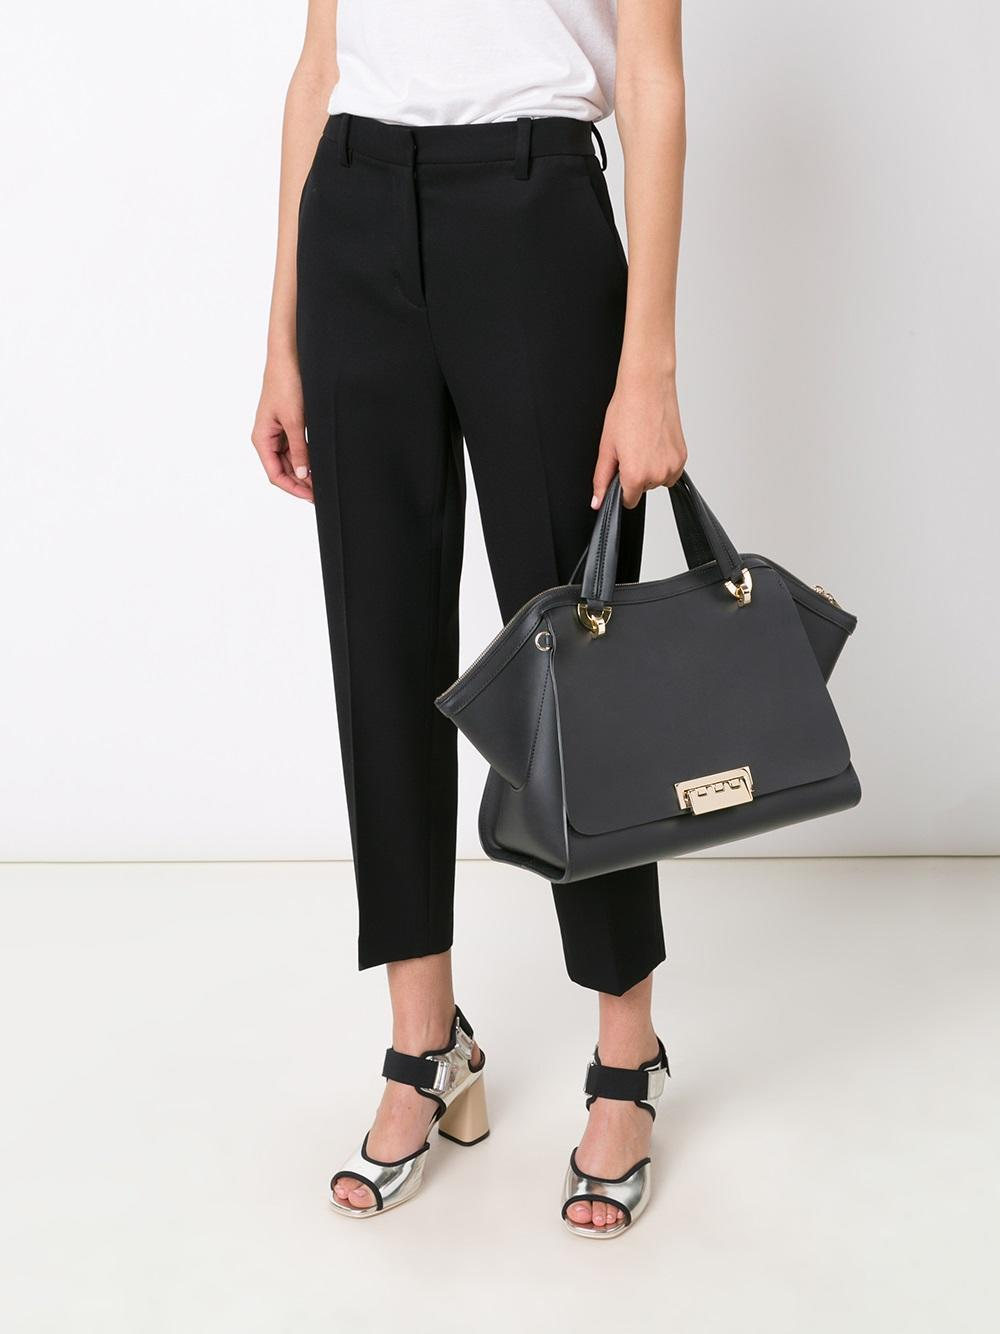 ZAC Zac Posen Eartha Iconic Jumbo Double-Handle Shoulder Bag